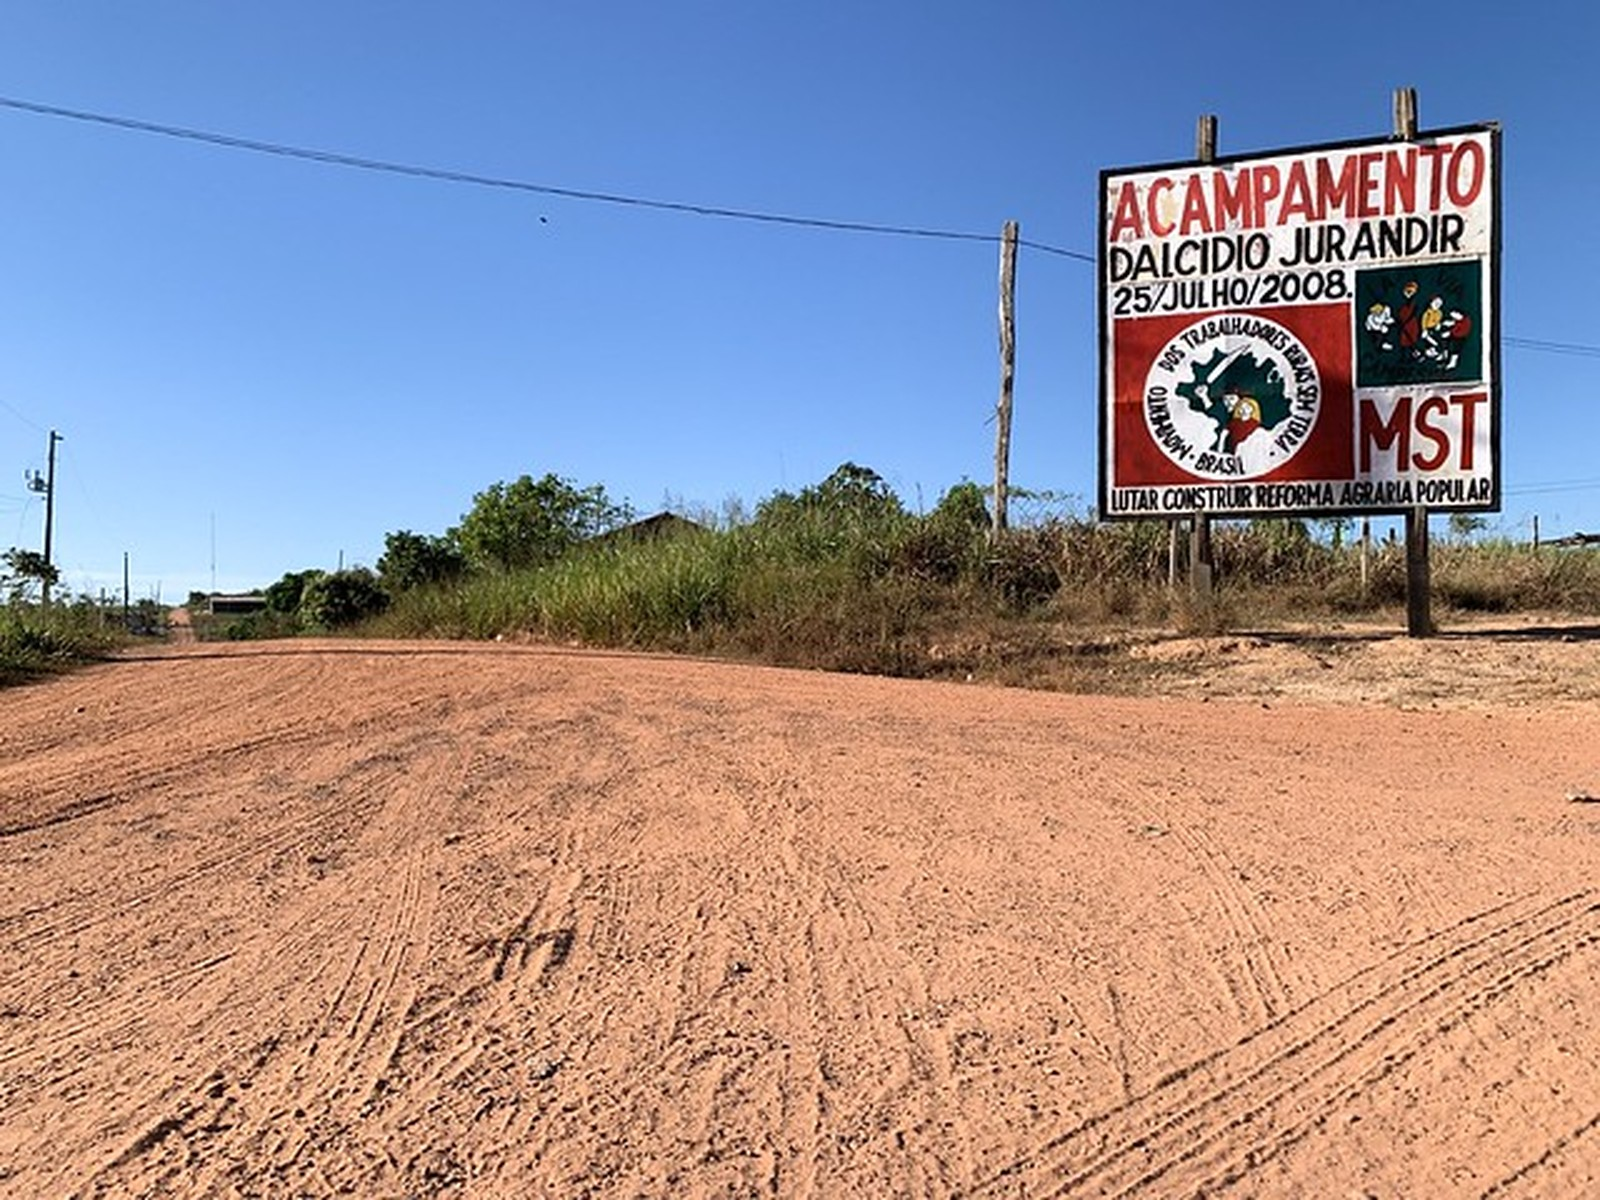 Justiça adia reintegração de posse da fazenda Maria Bonita, em Eldorado dos Carajás